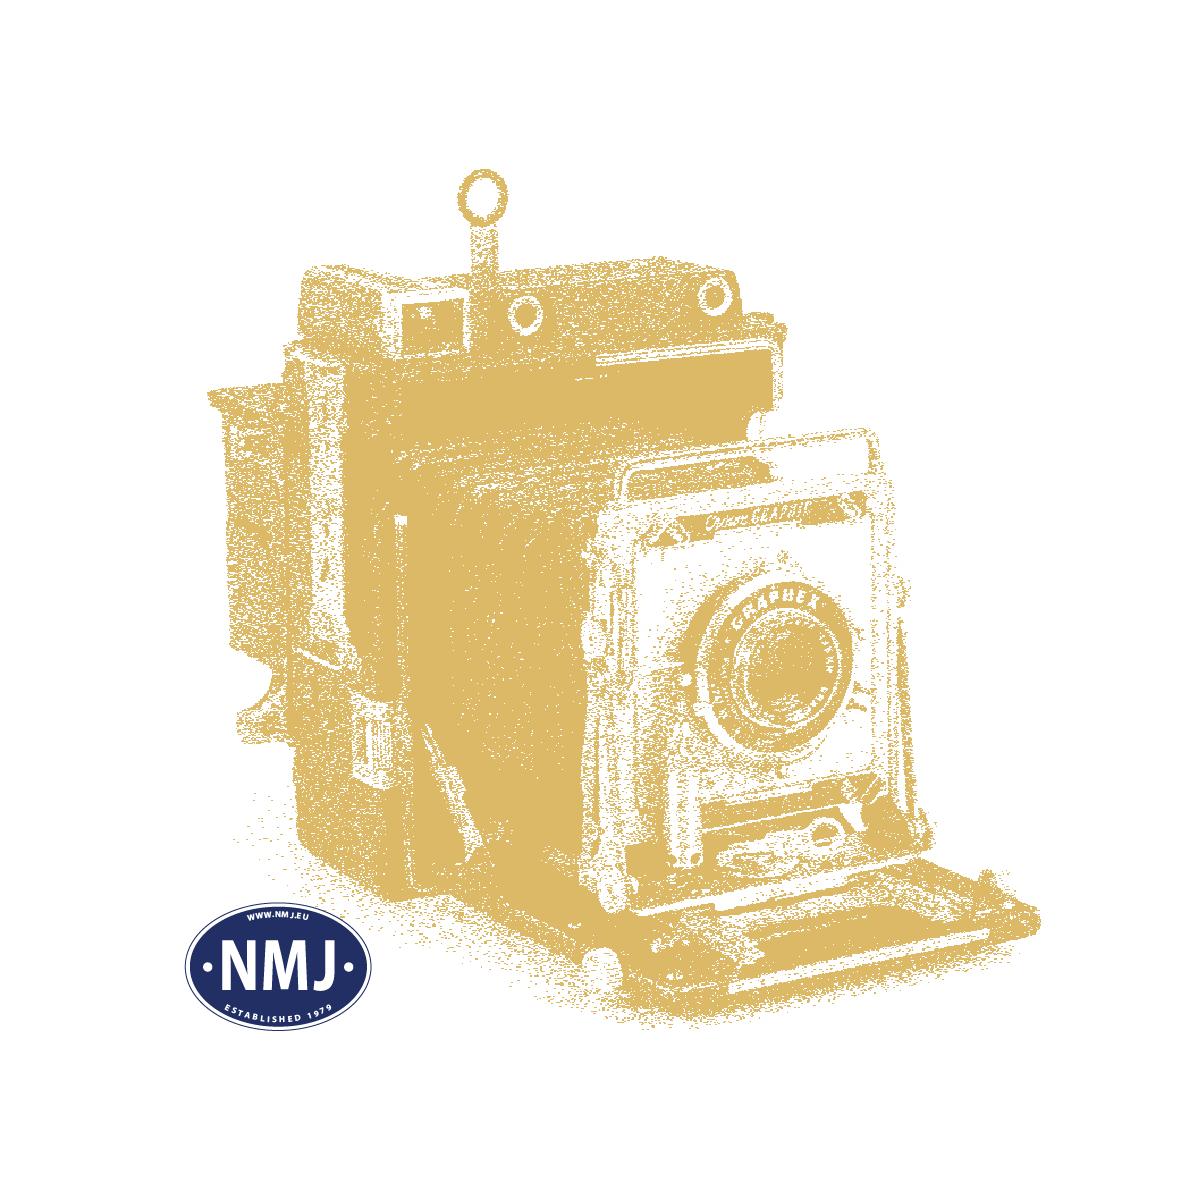 NMJT135.102 - NMJ Topline NSB AB11 24105, 1./2. klasse Personvogn Gammeldesign